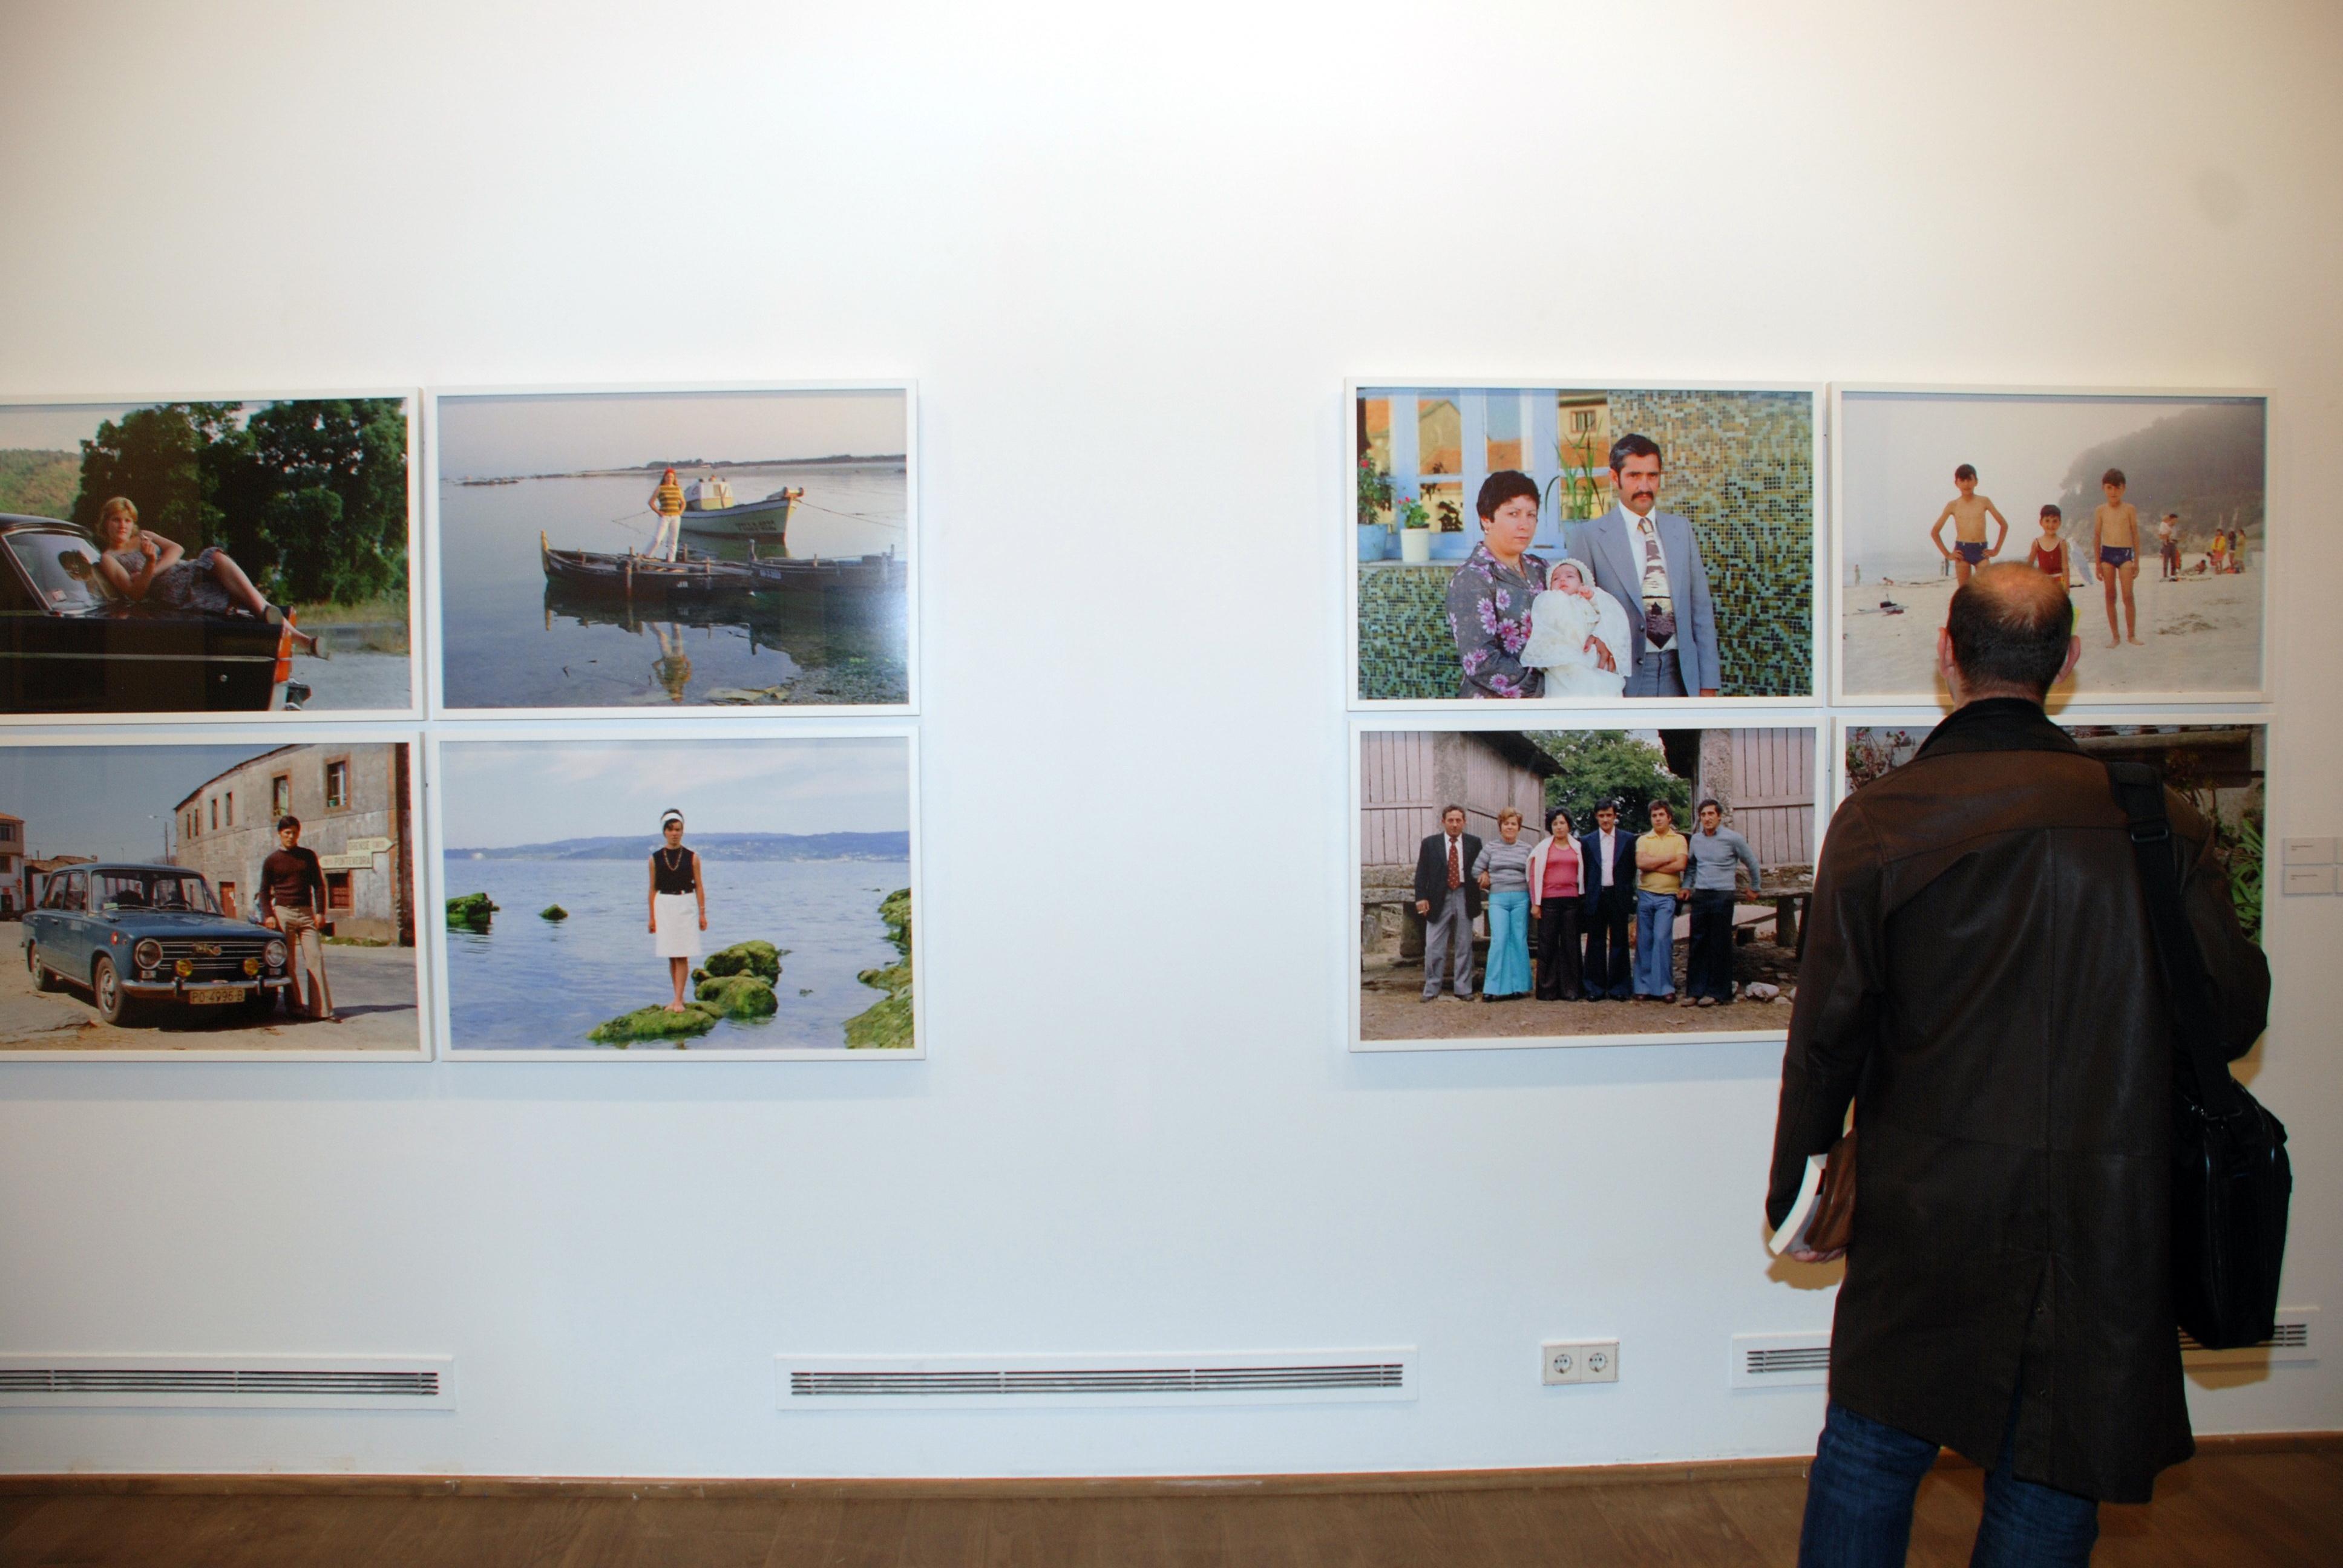 La Universidad de Salamanca muestra la faceta artística del fotógrafo Virxilio Vieitez con una retrospectiva de su obra